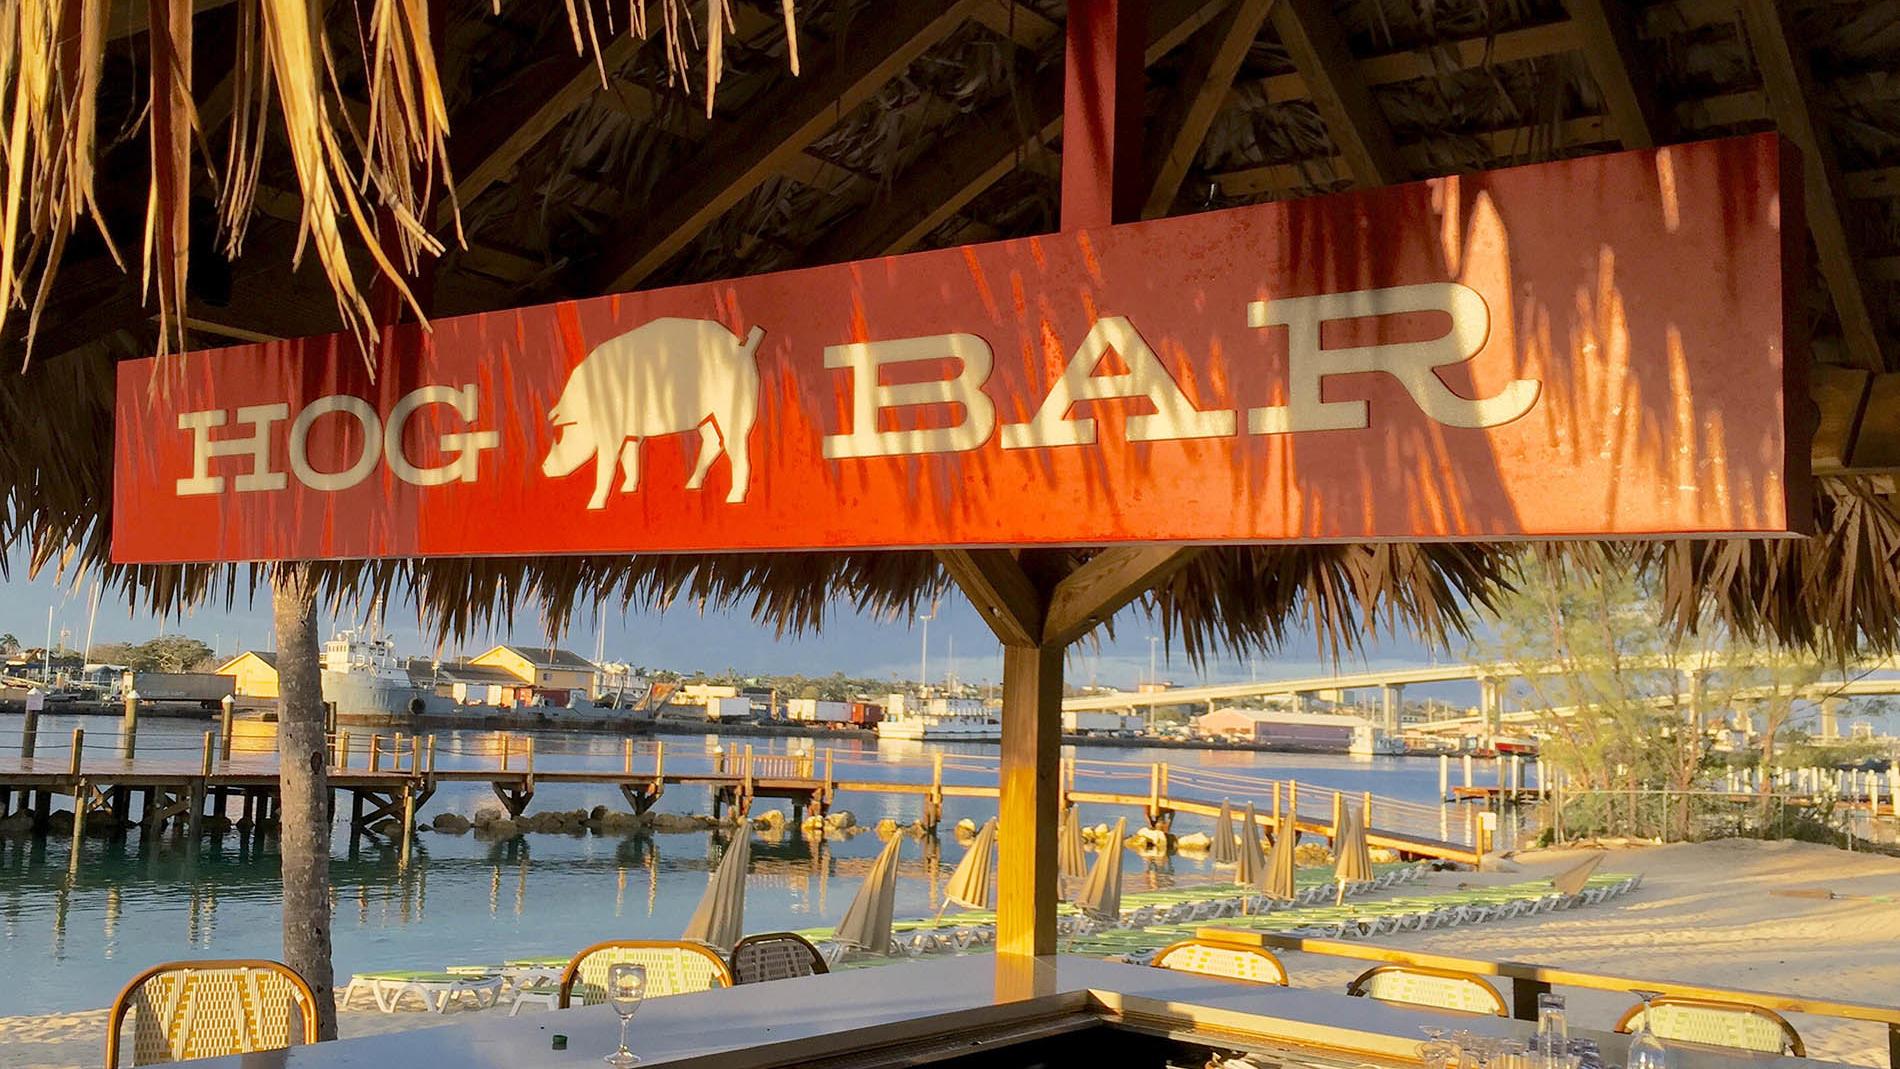 Hog Bar Sign at Warwick Paradise Island